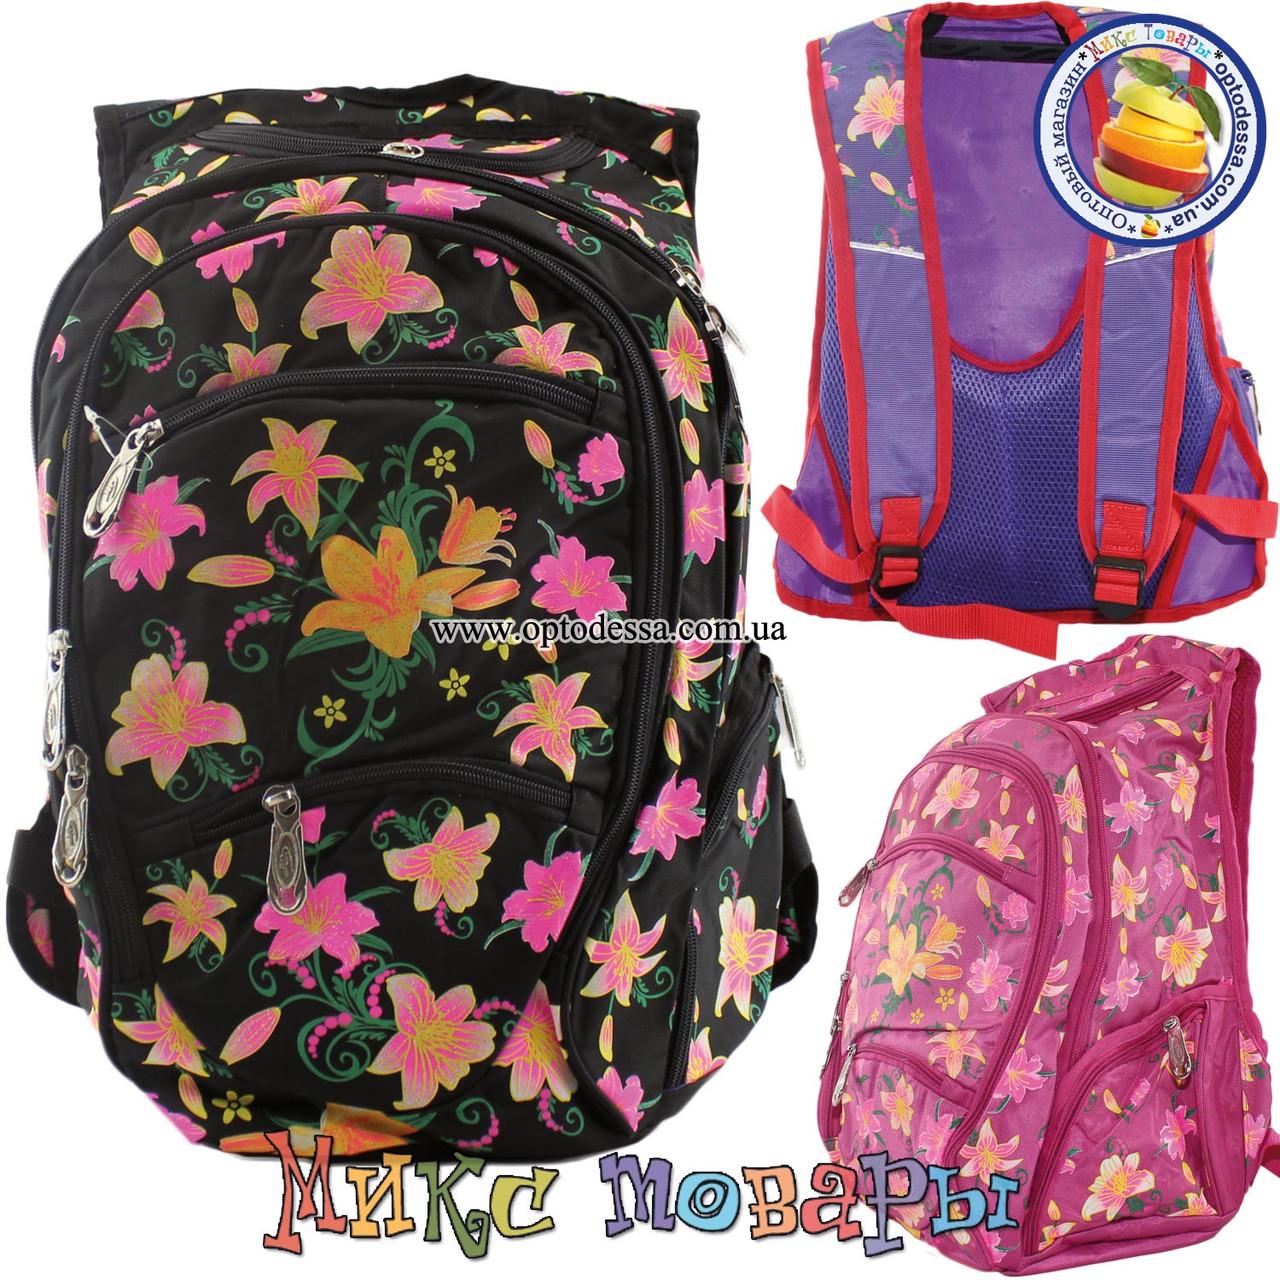 da6bb1ec781d Купить Рюкзаки с цветами для девочек в школу (tl08304) оптом. Прямые ...